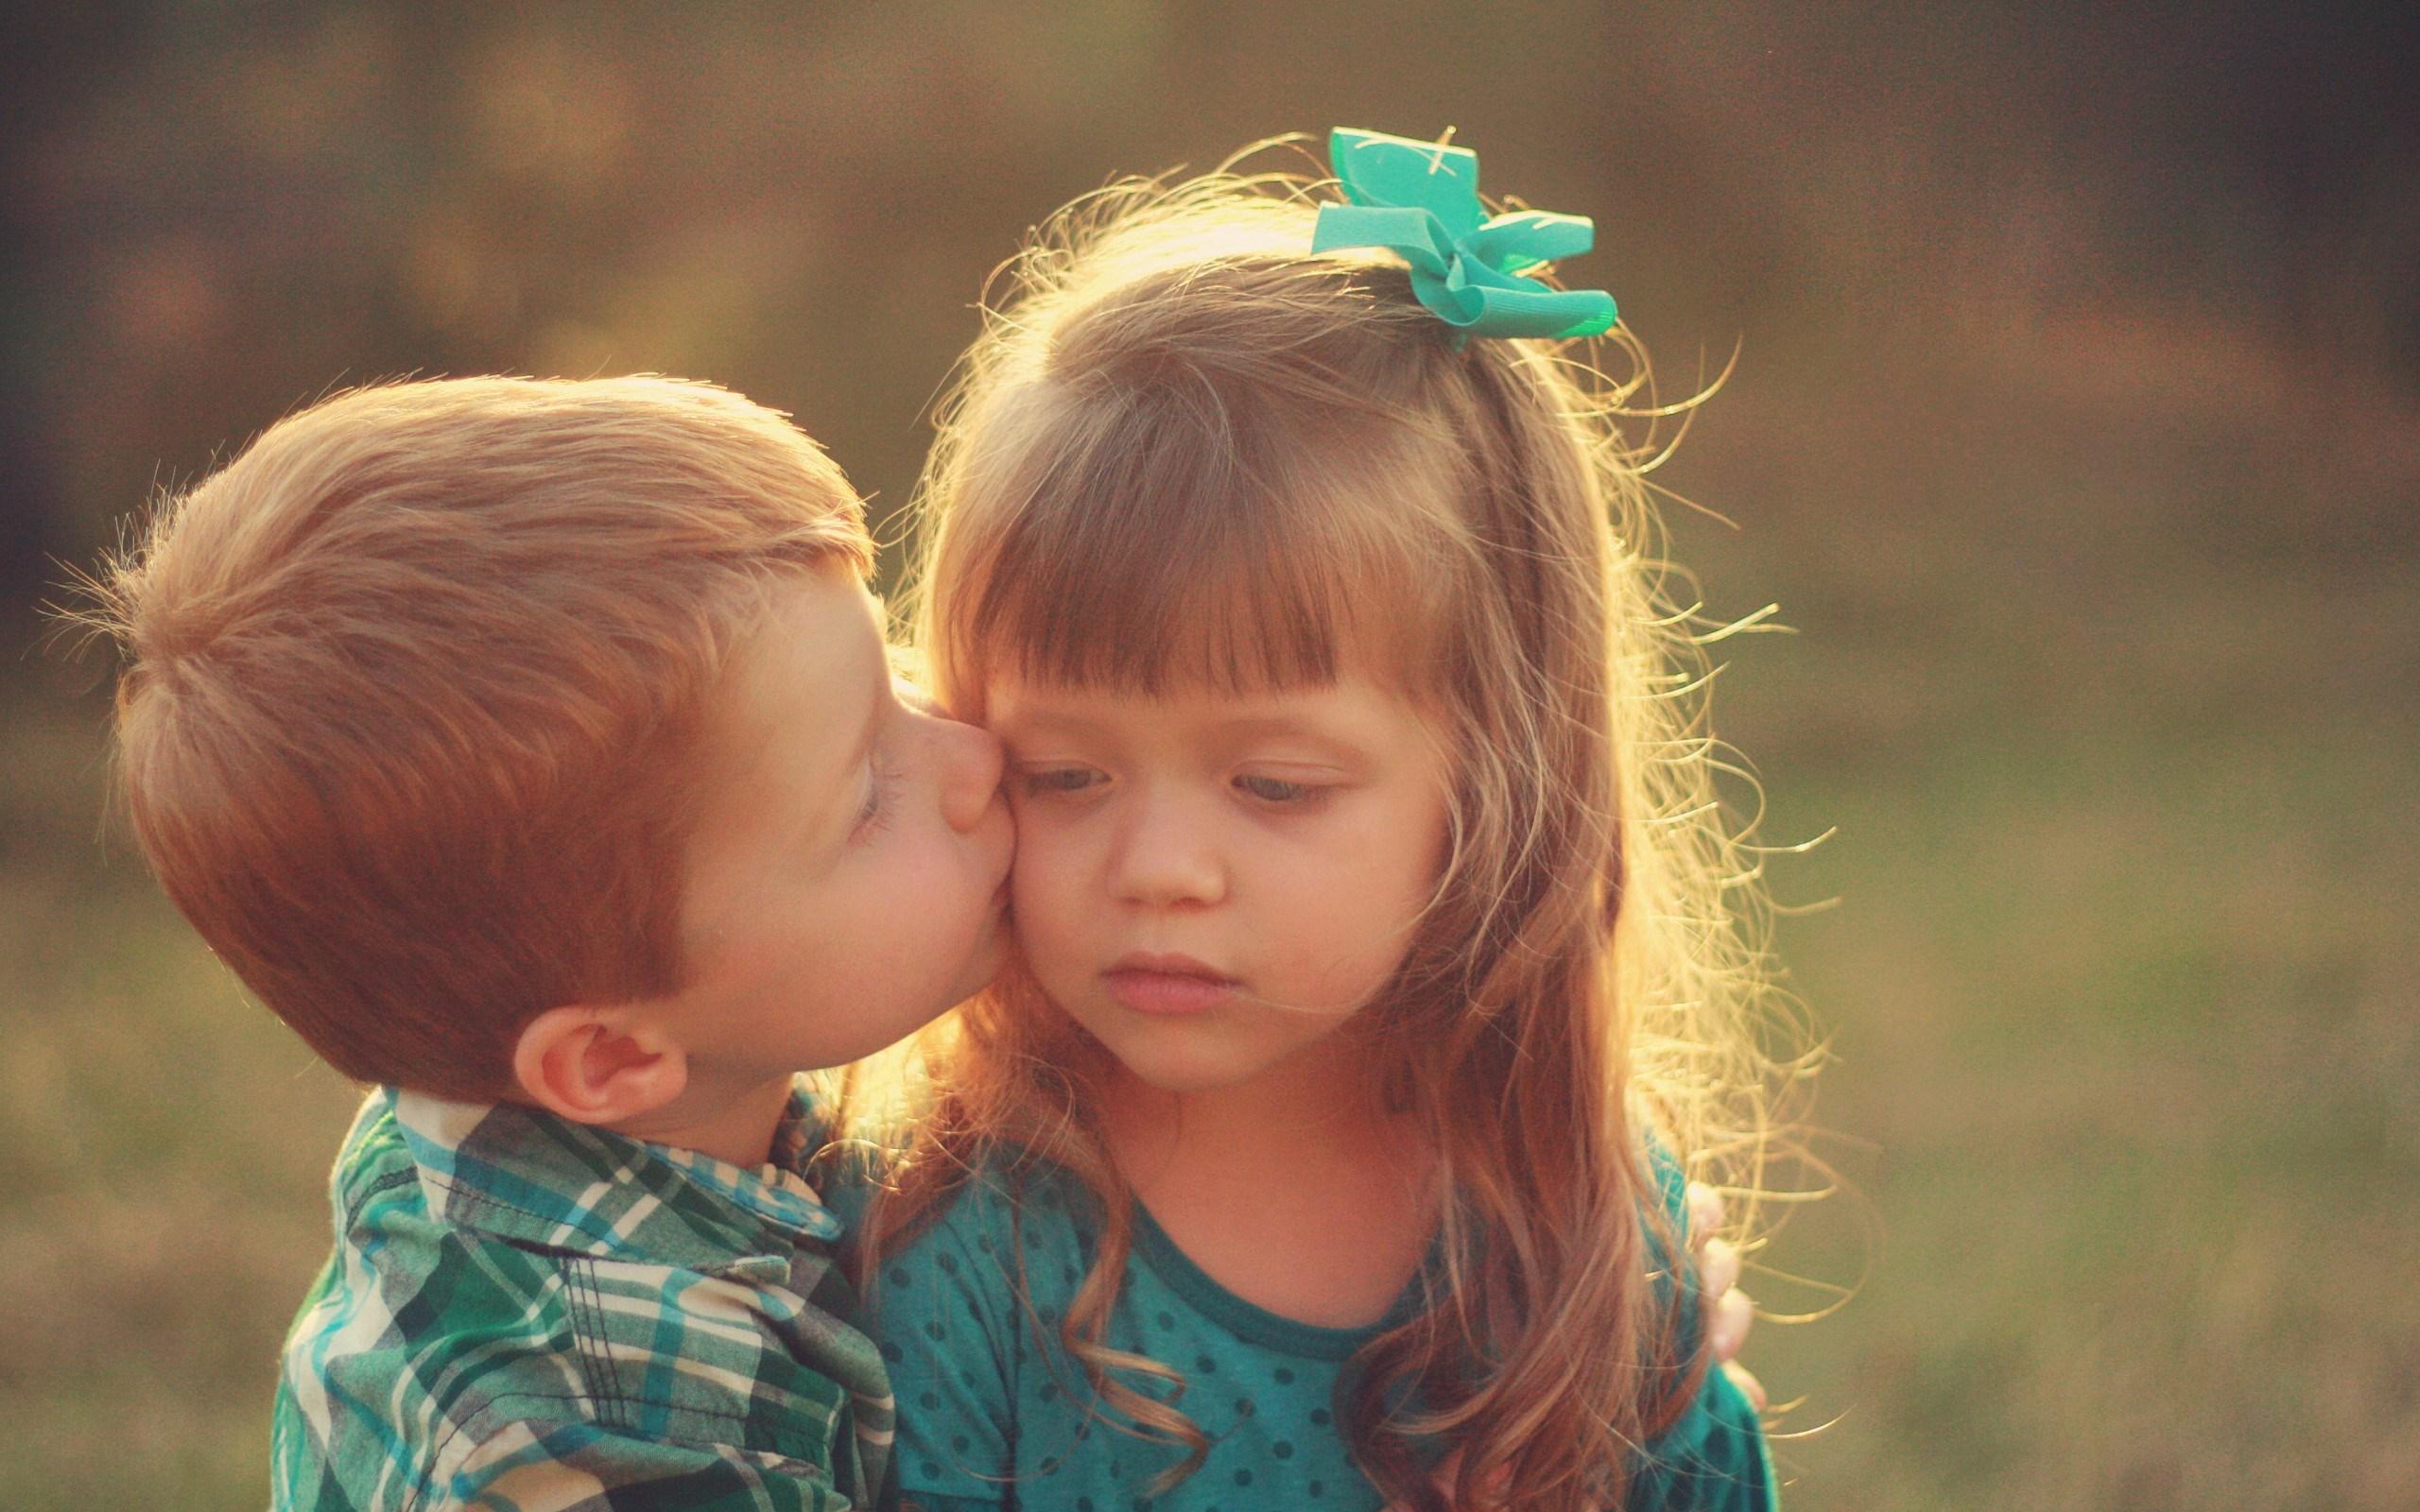 mood-kids-girl-boy-kiss-wallpaper-2560x1600 - Magic4Walls com